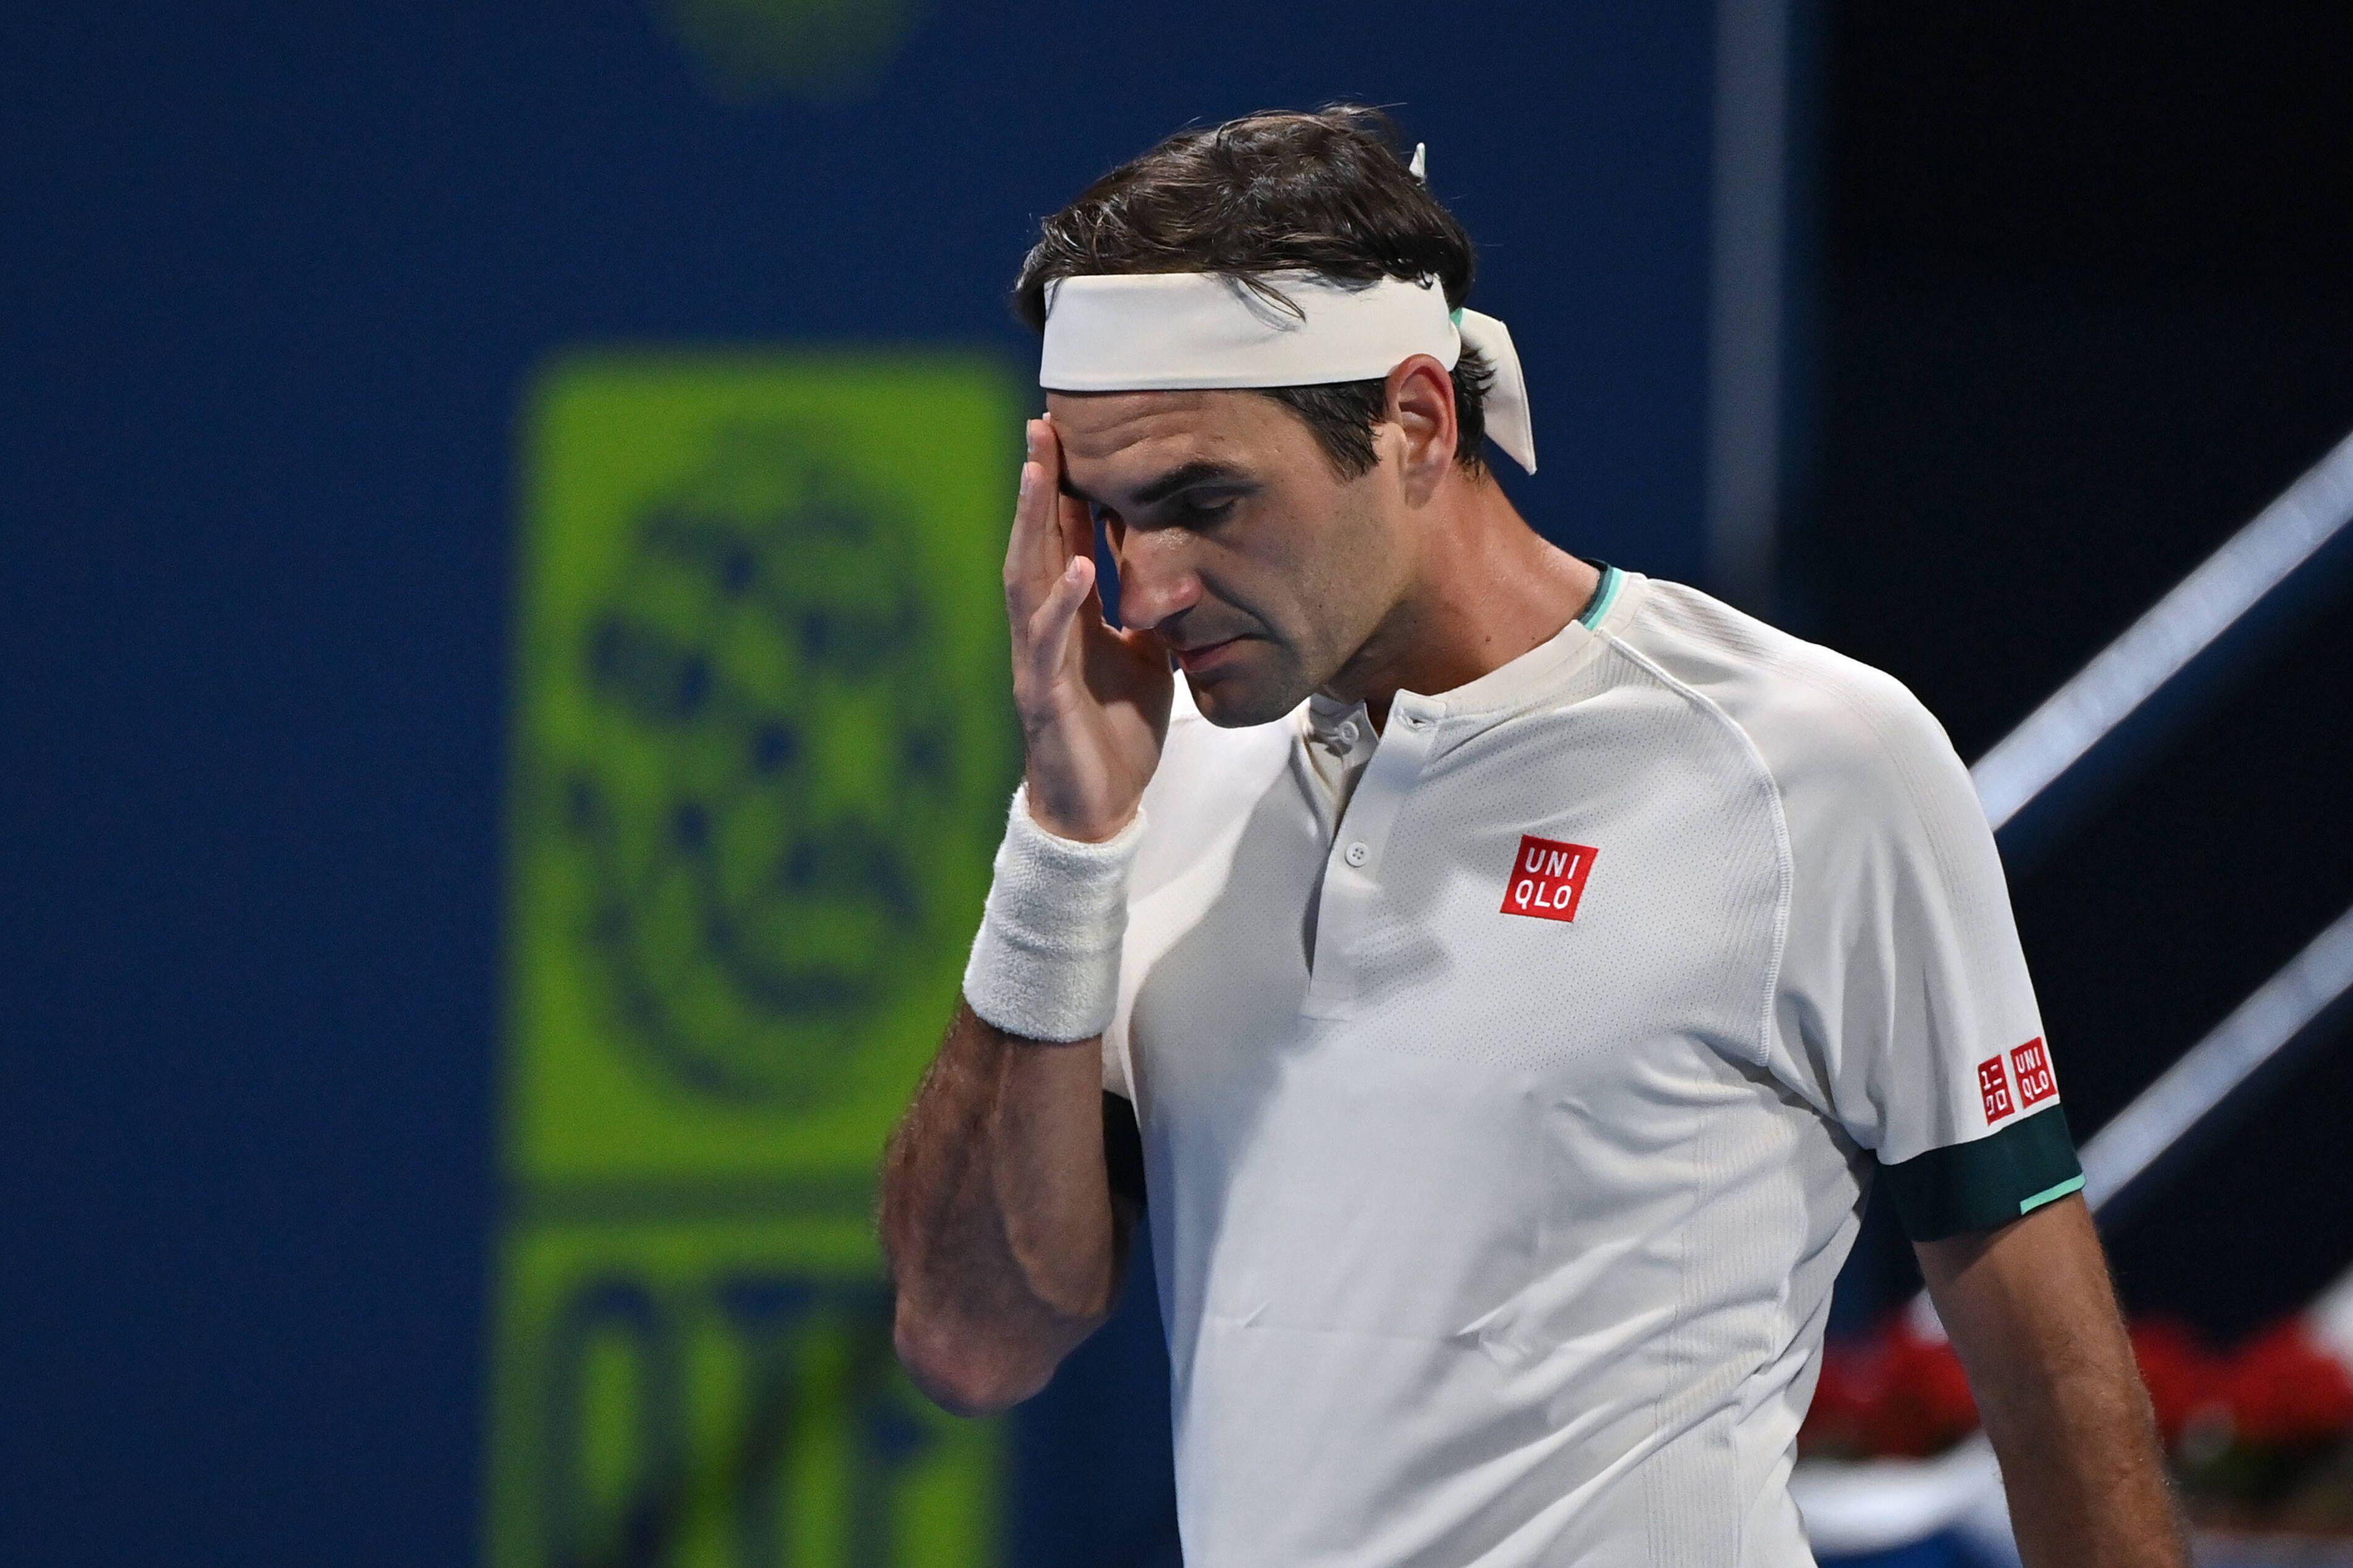 Брат Джоковича: «Надеемся увидеть Федерера на турнире в Белграде до завершения карьеры»